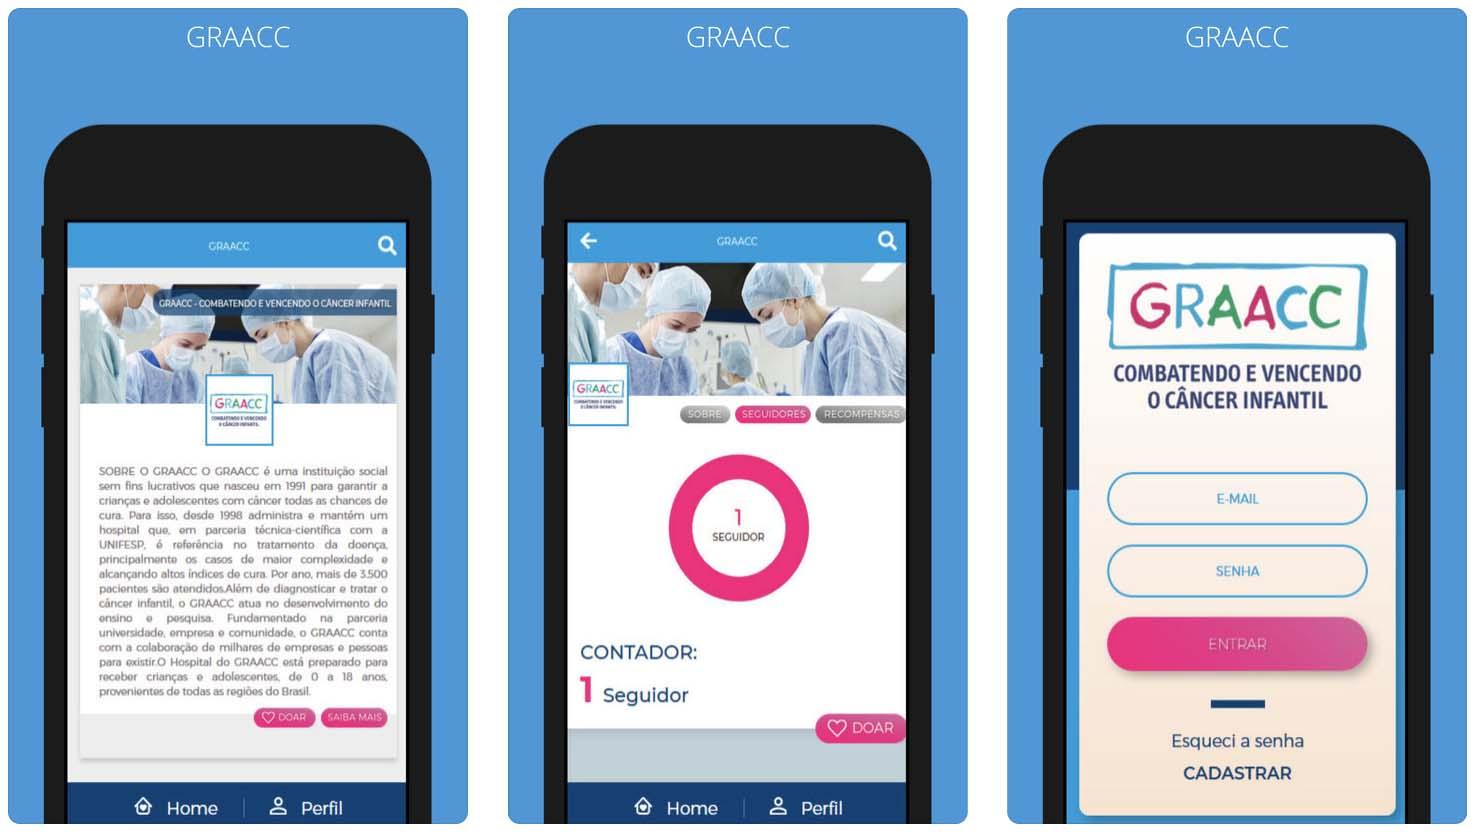 Aplicativo da GRAACC